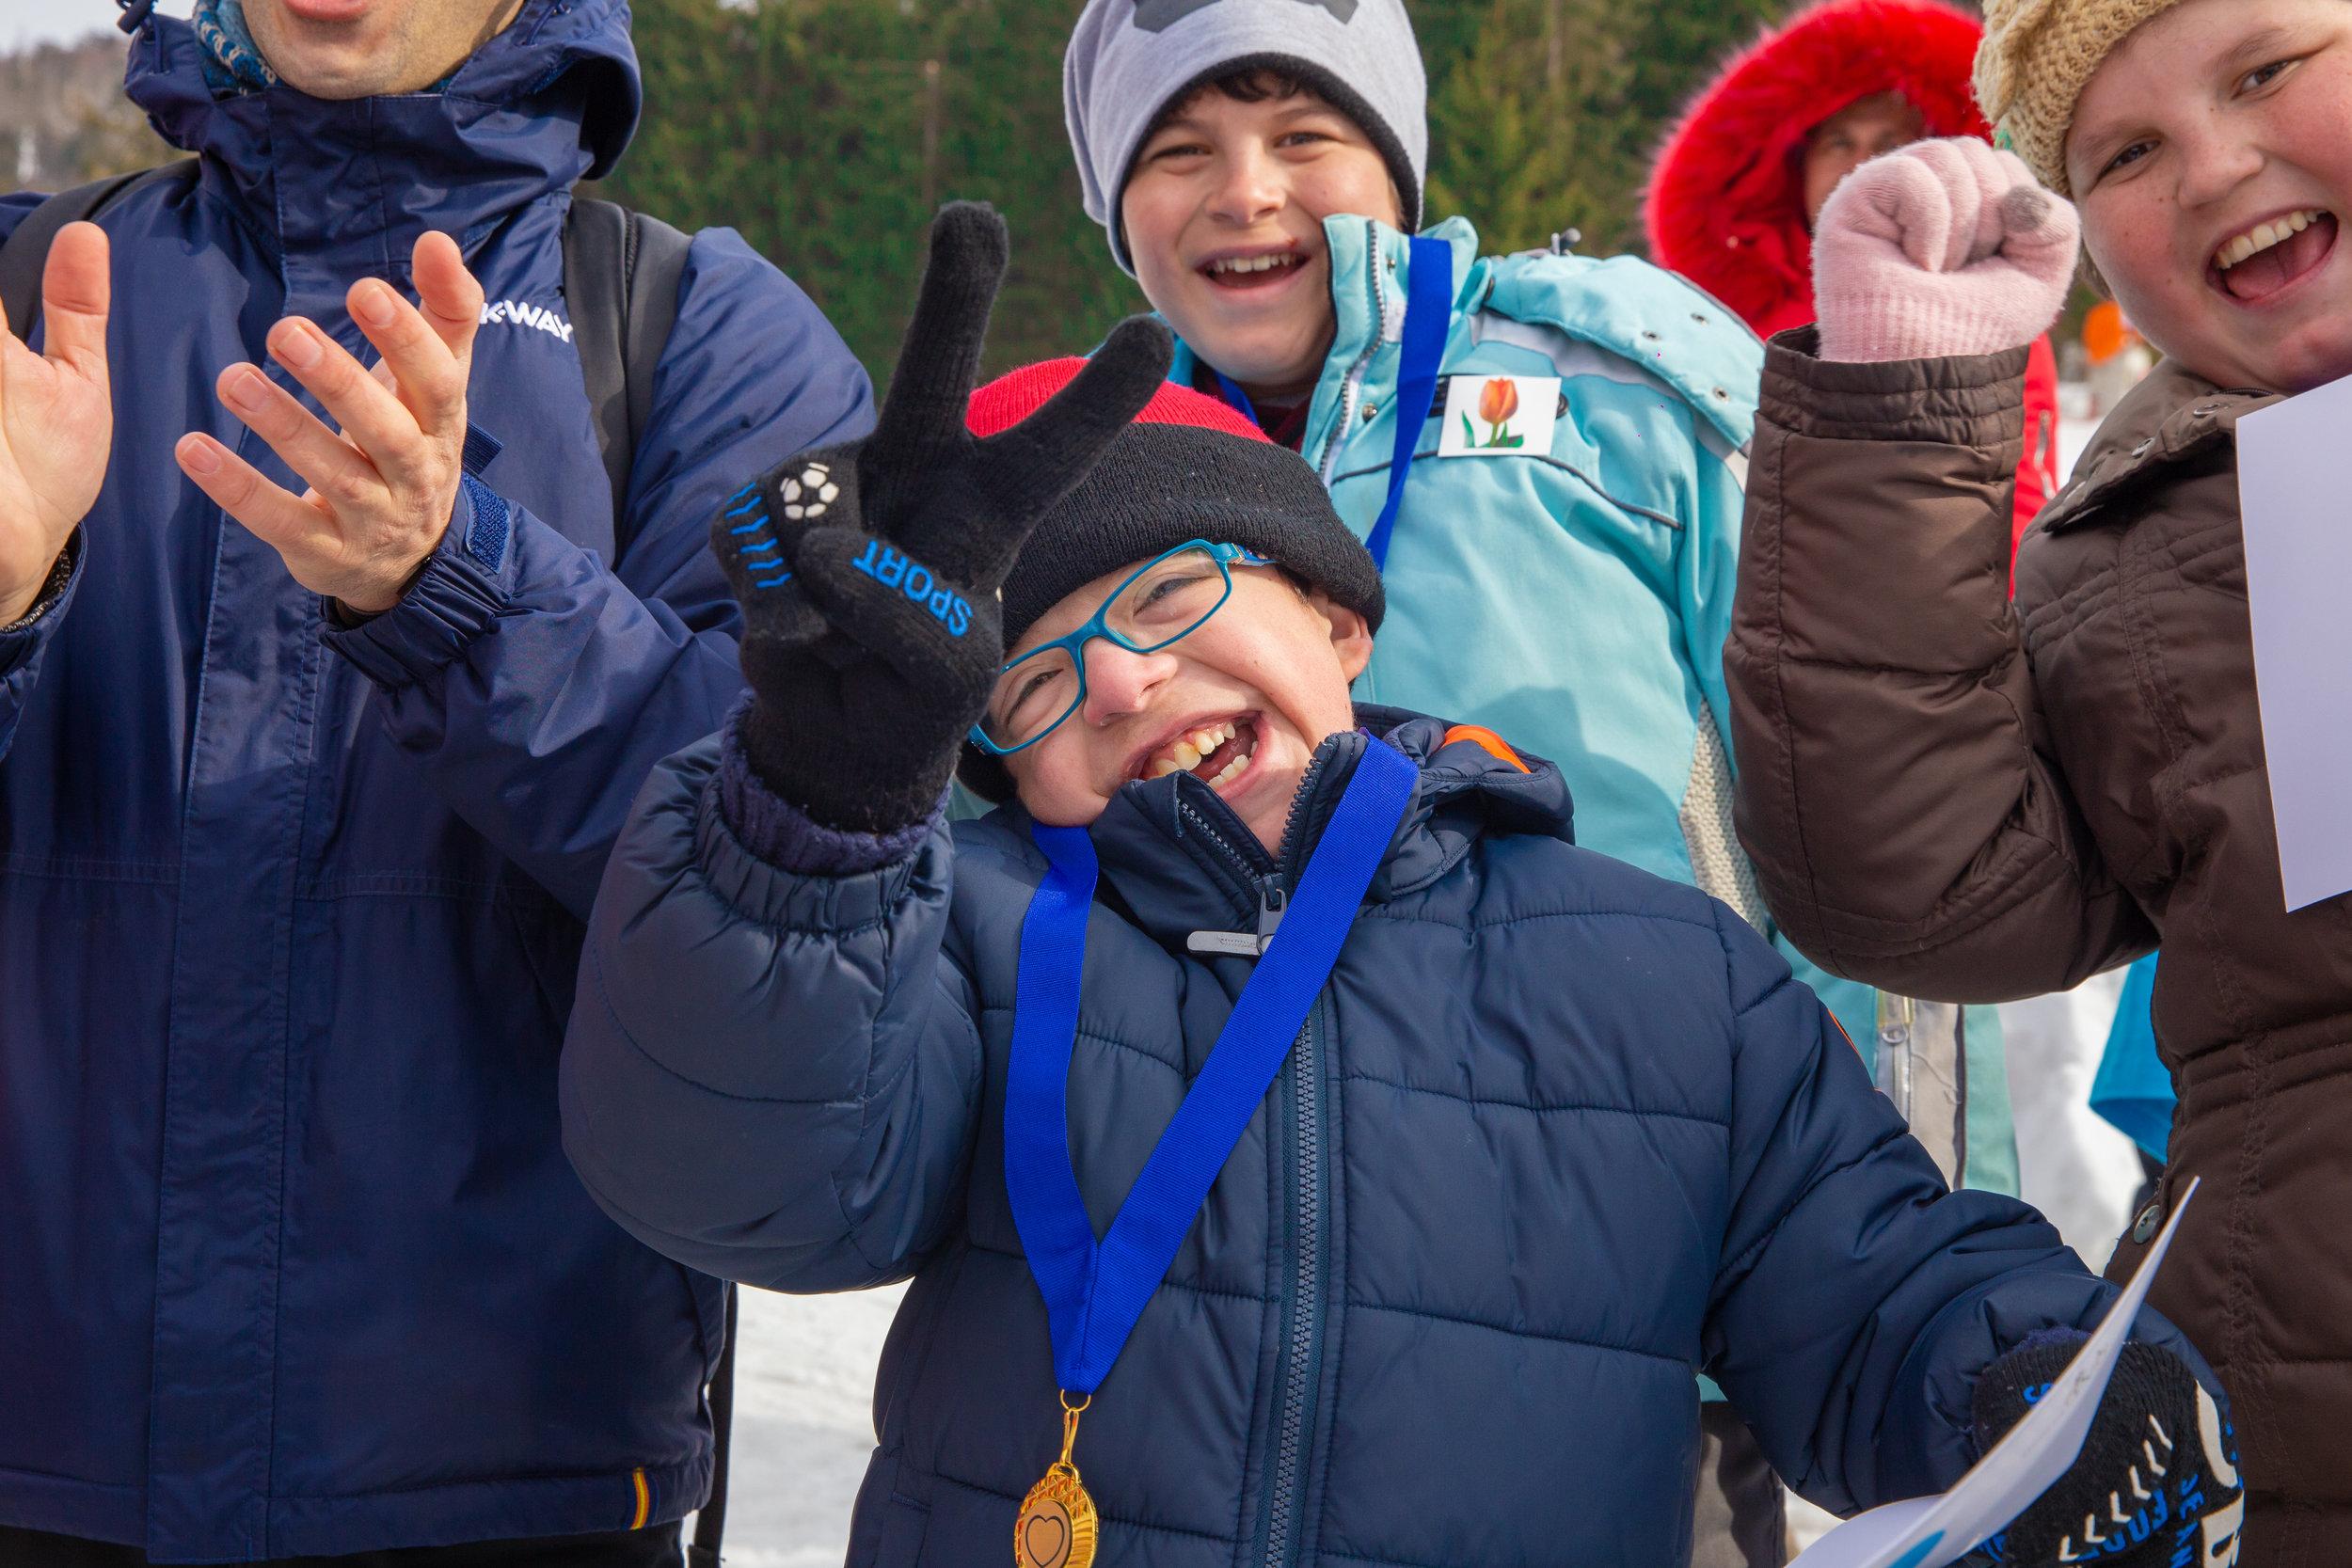 Jocurile Speciale de Iarna 2019_12_Foto Diana Sandor.jpg